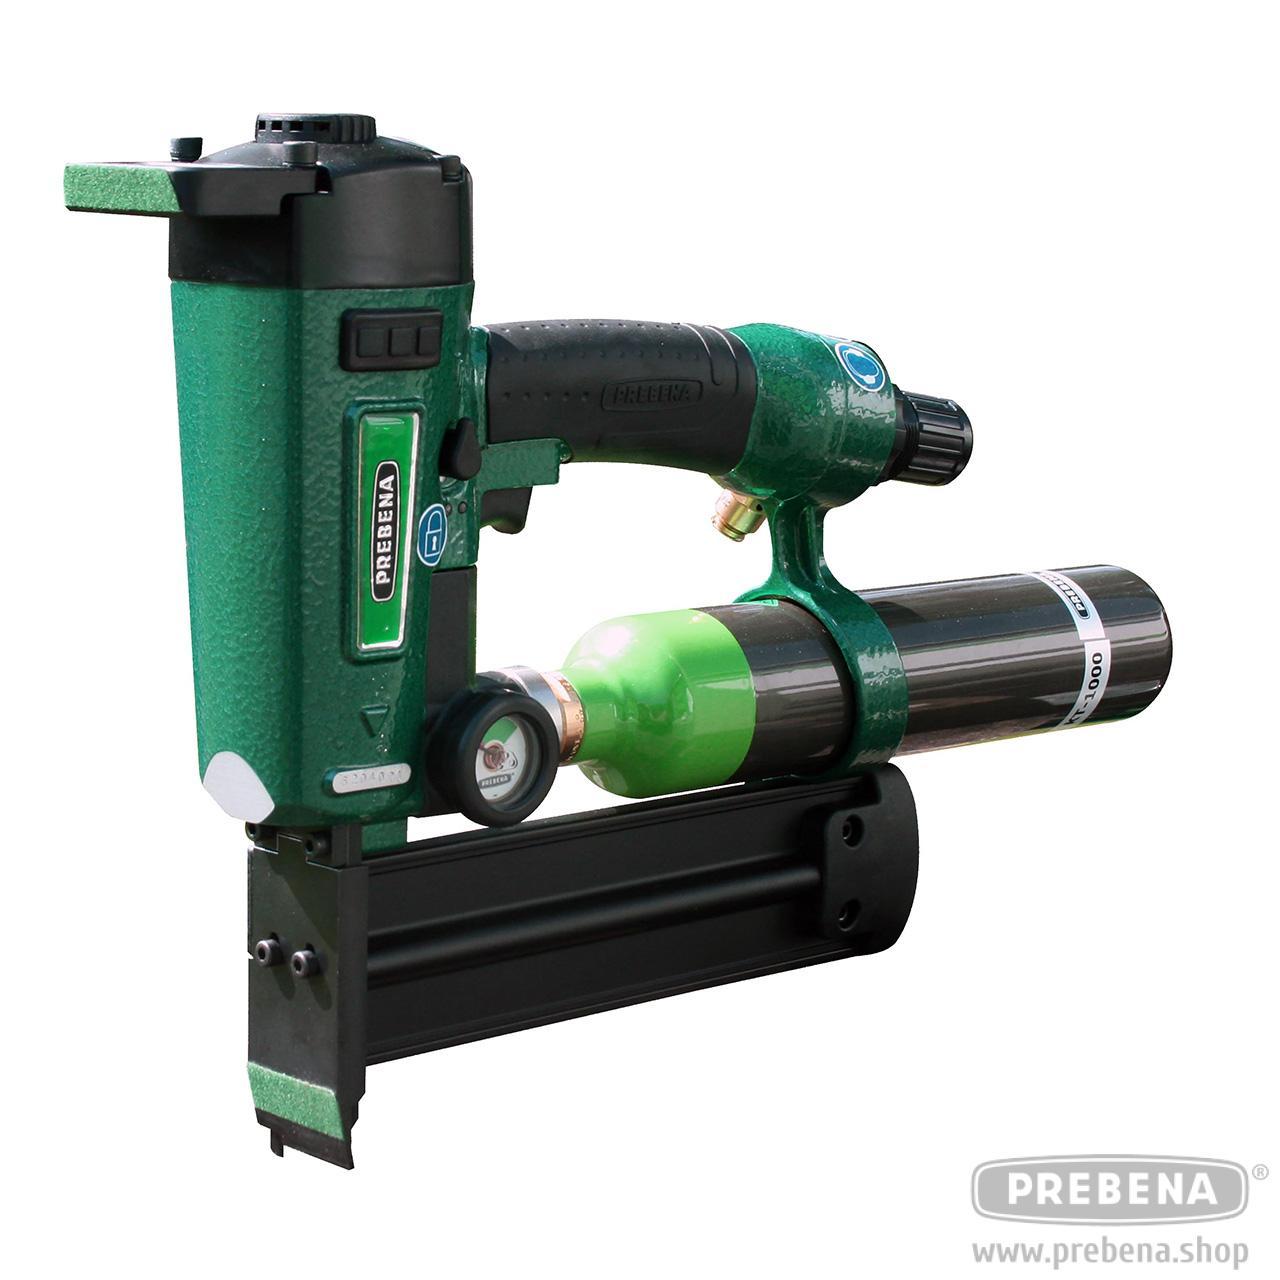 Prebena Druckluft Ankernagler ST2-ANK50 40-50mm für Ankernägel 20°